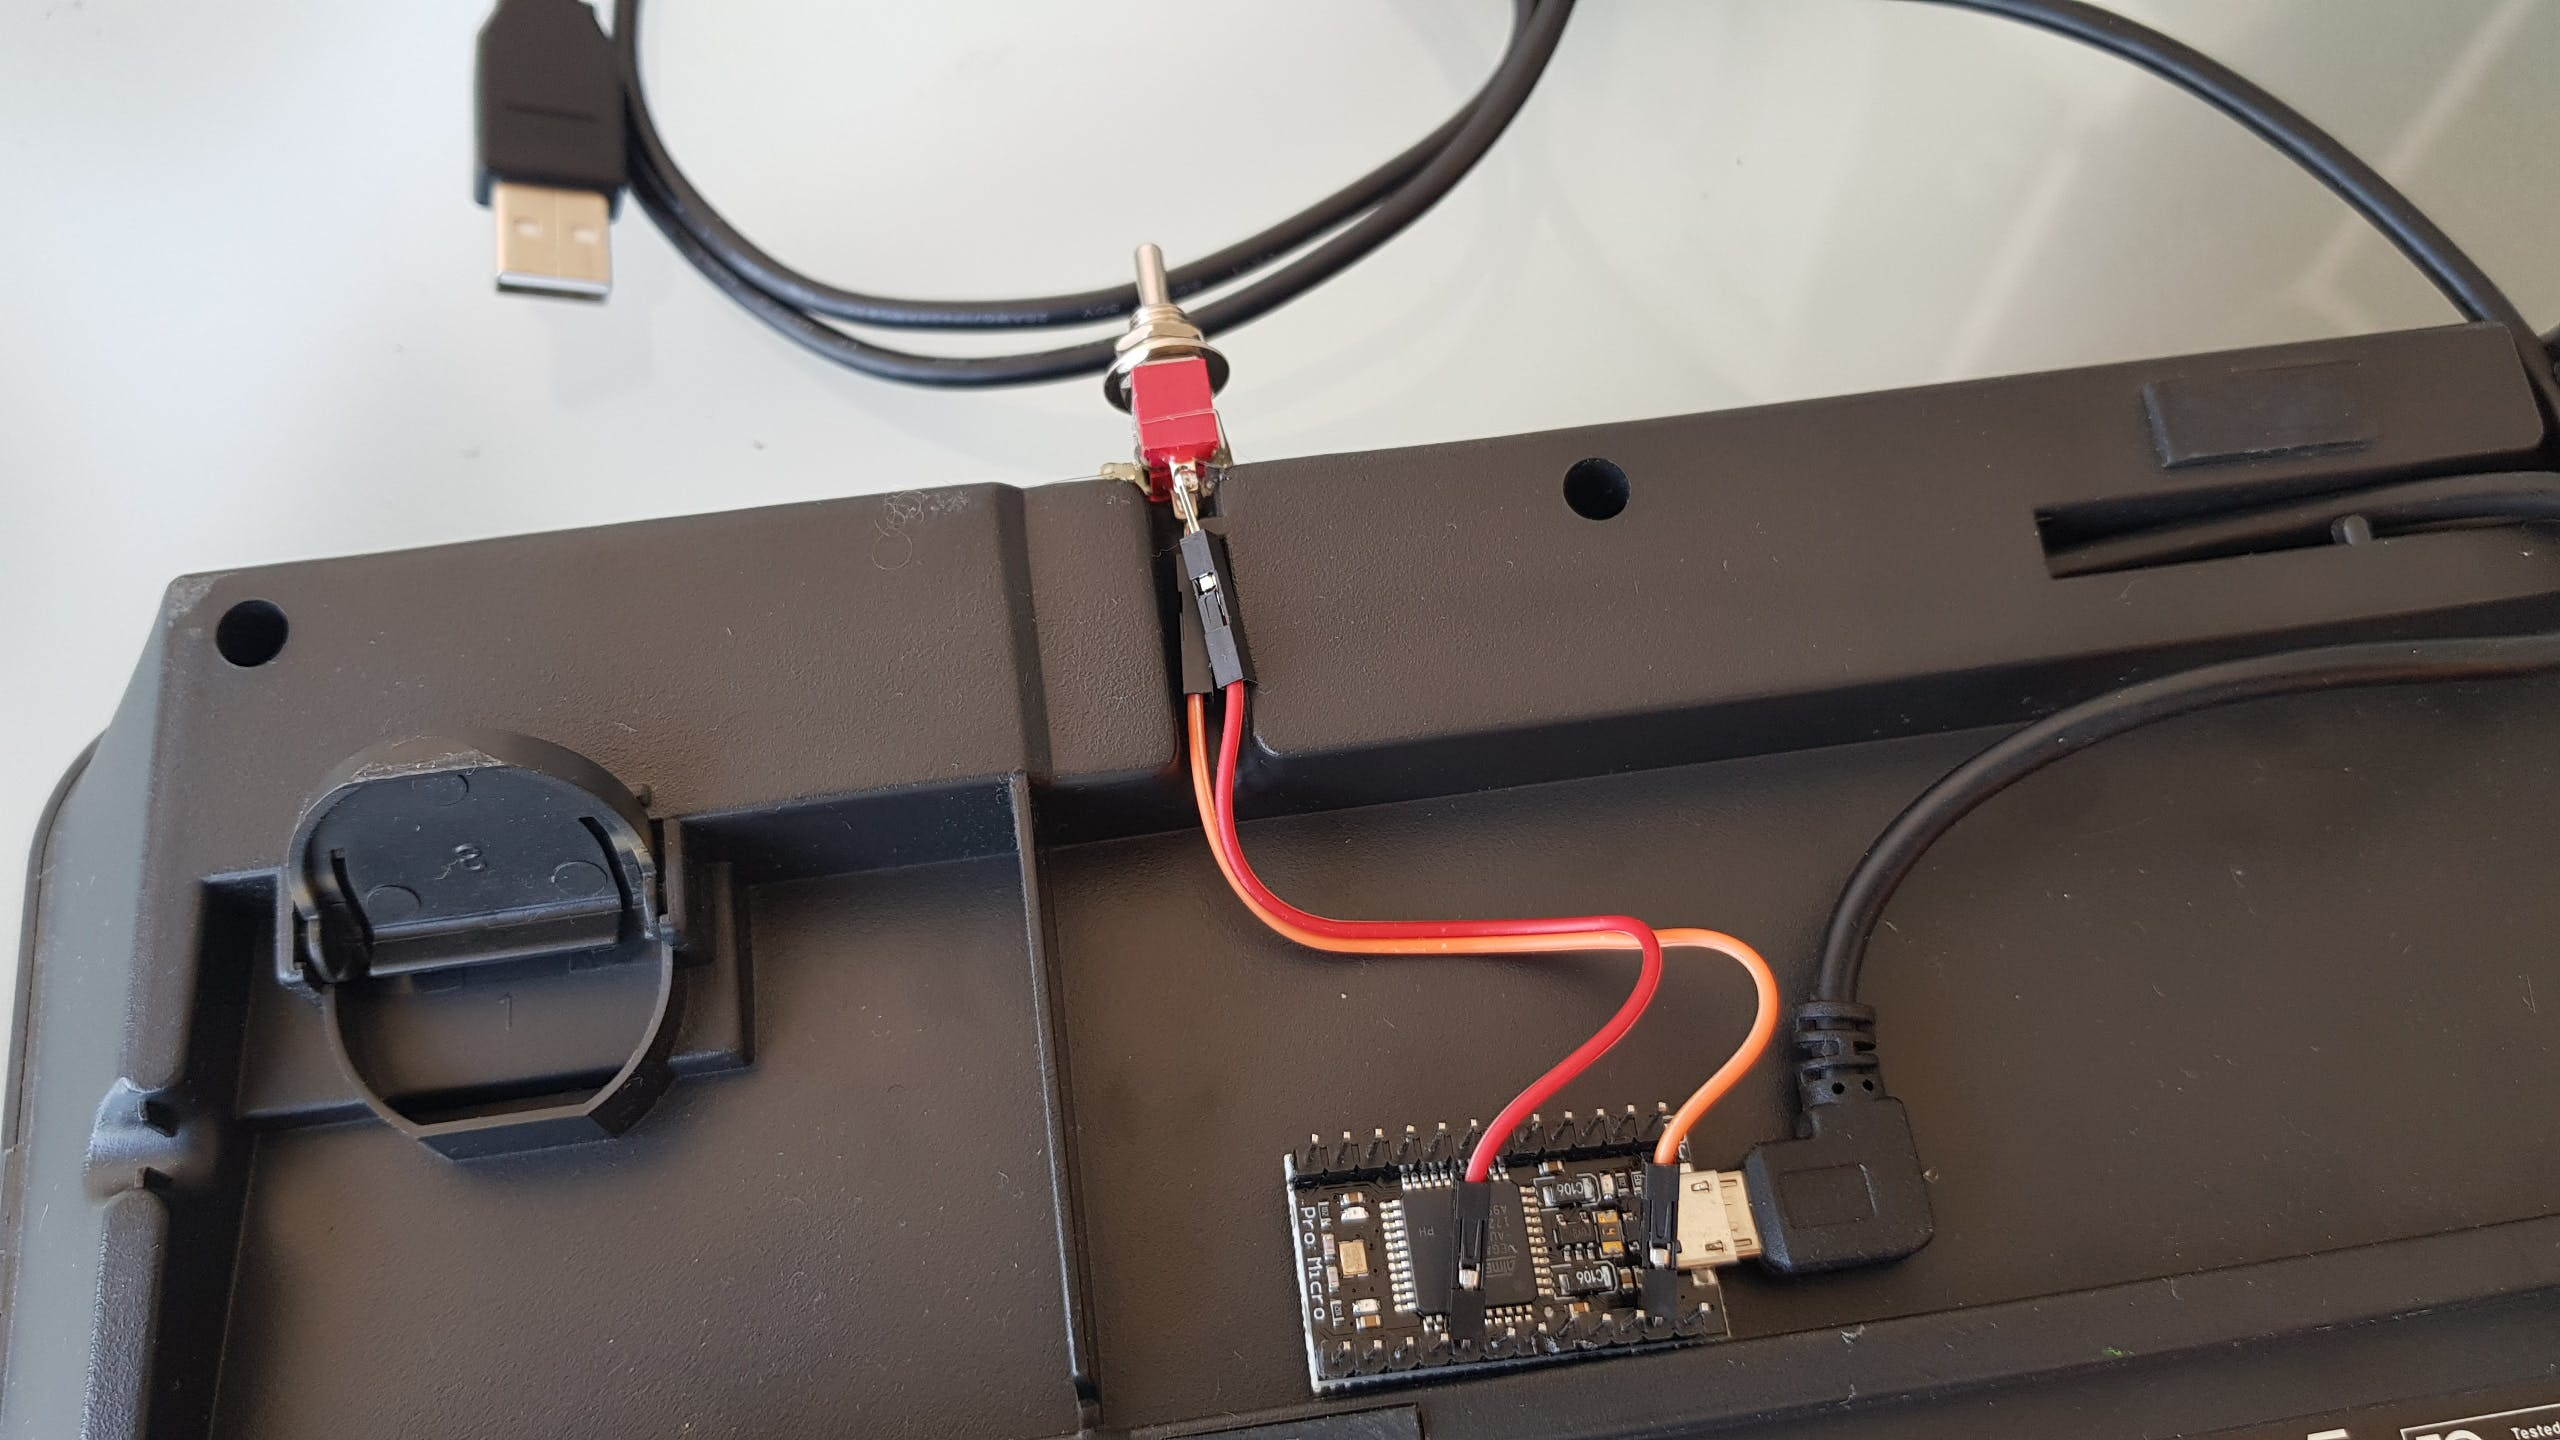 The Shining keyboard circuit